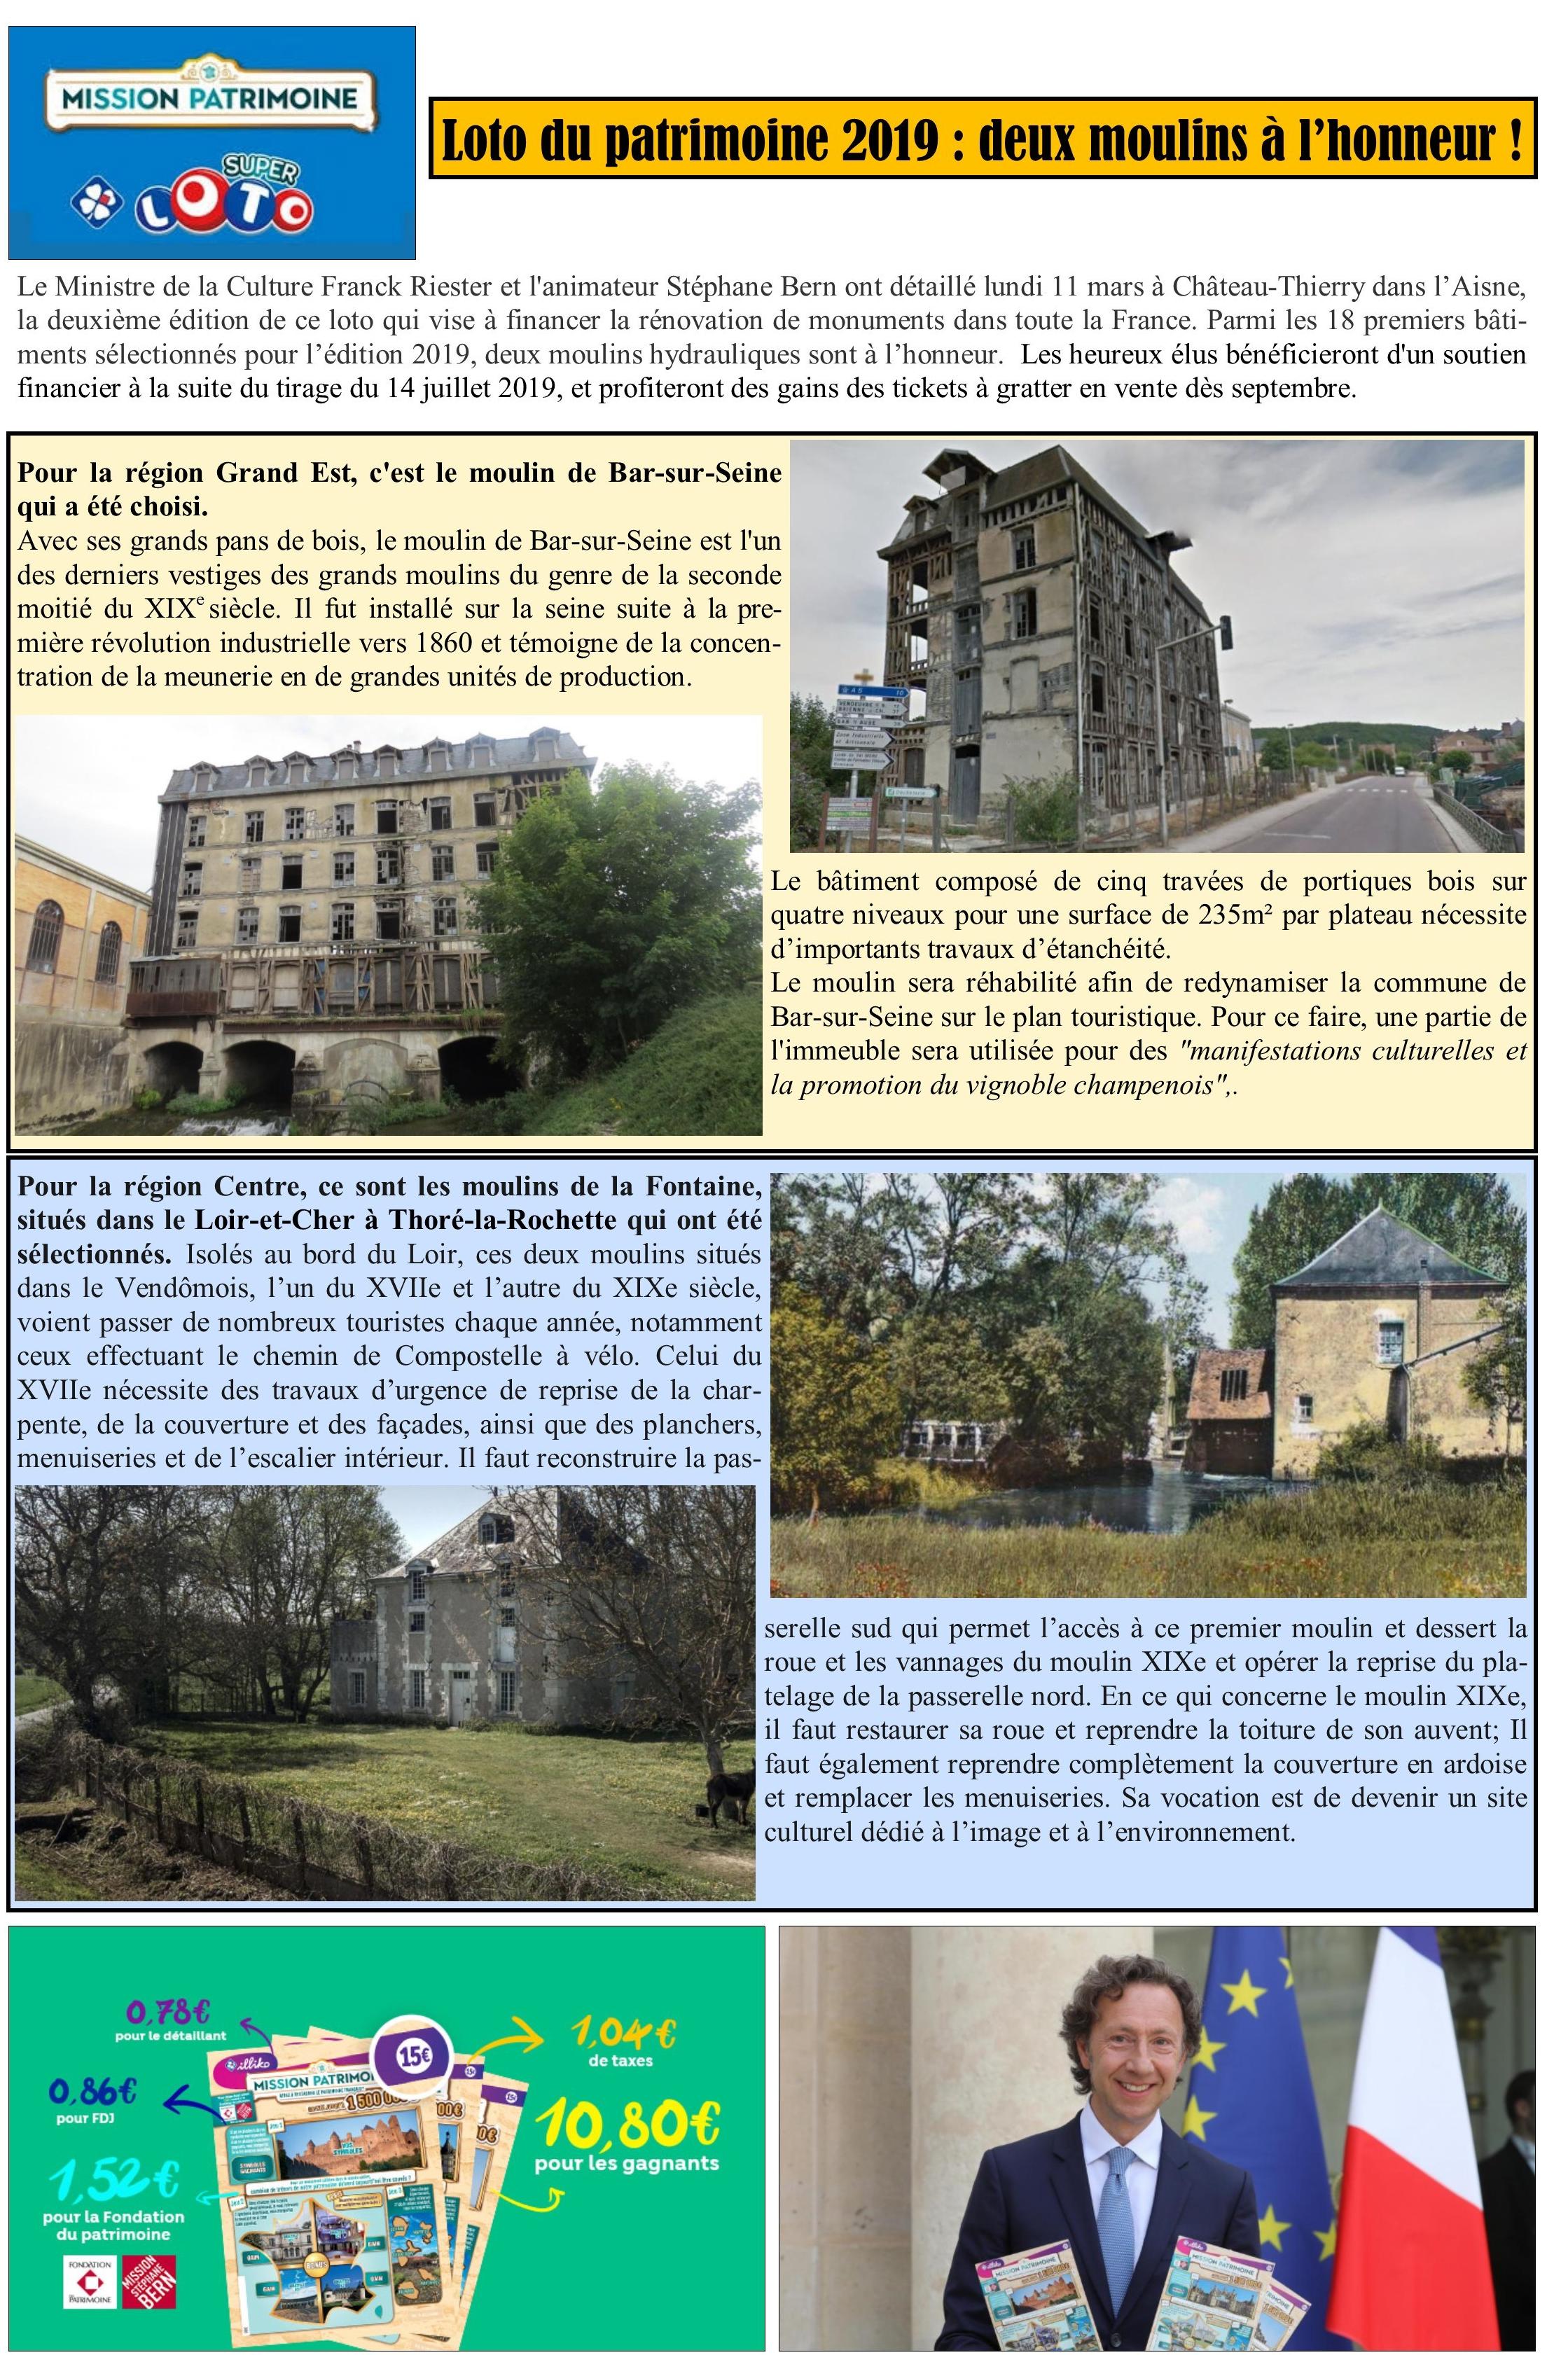 Article 2 moulins patrimoine Bern 2019